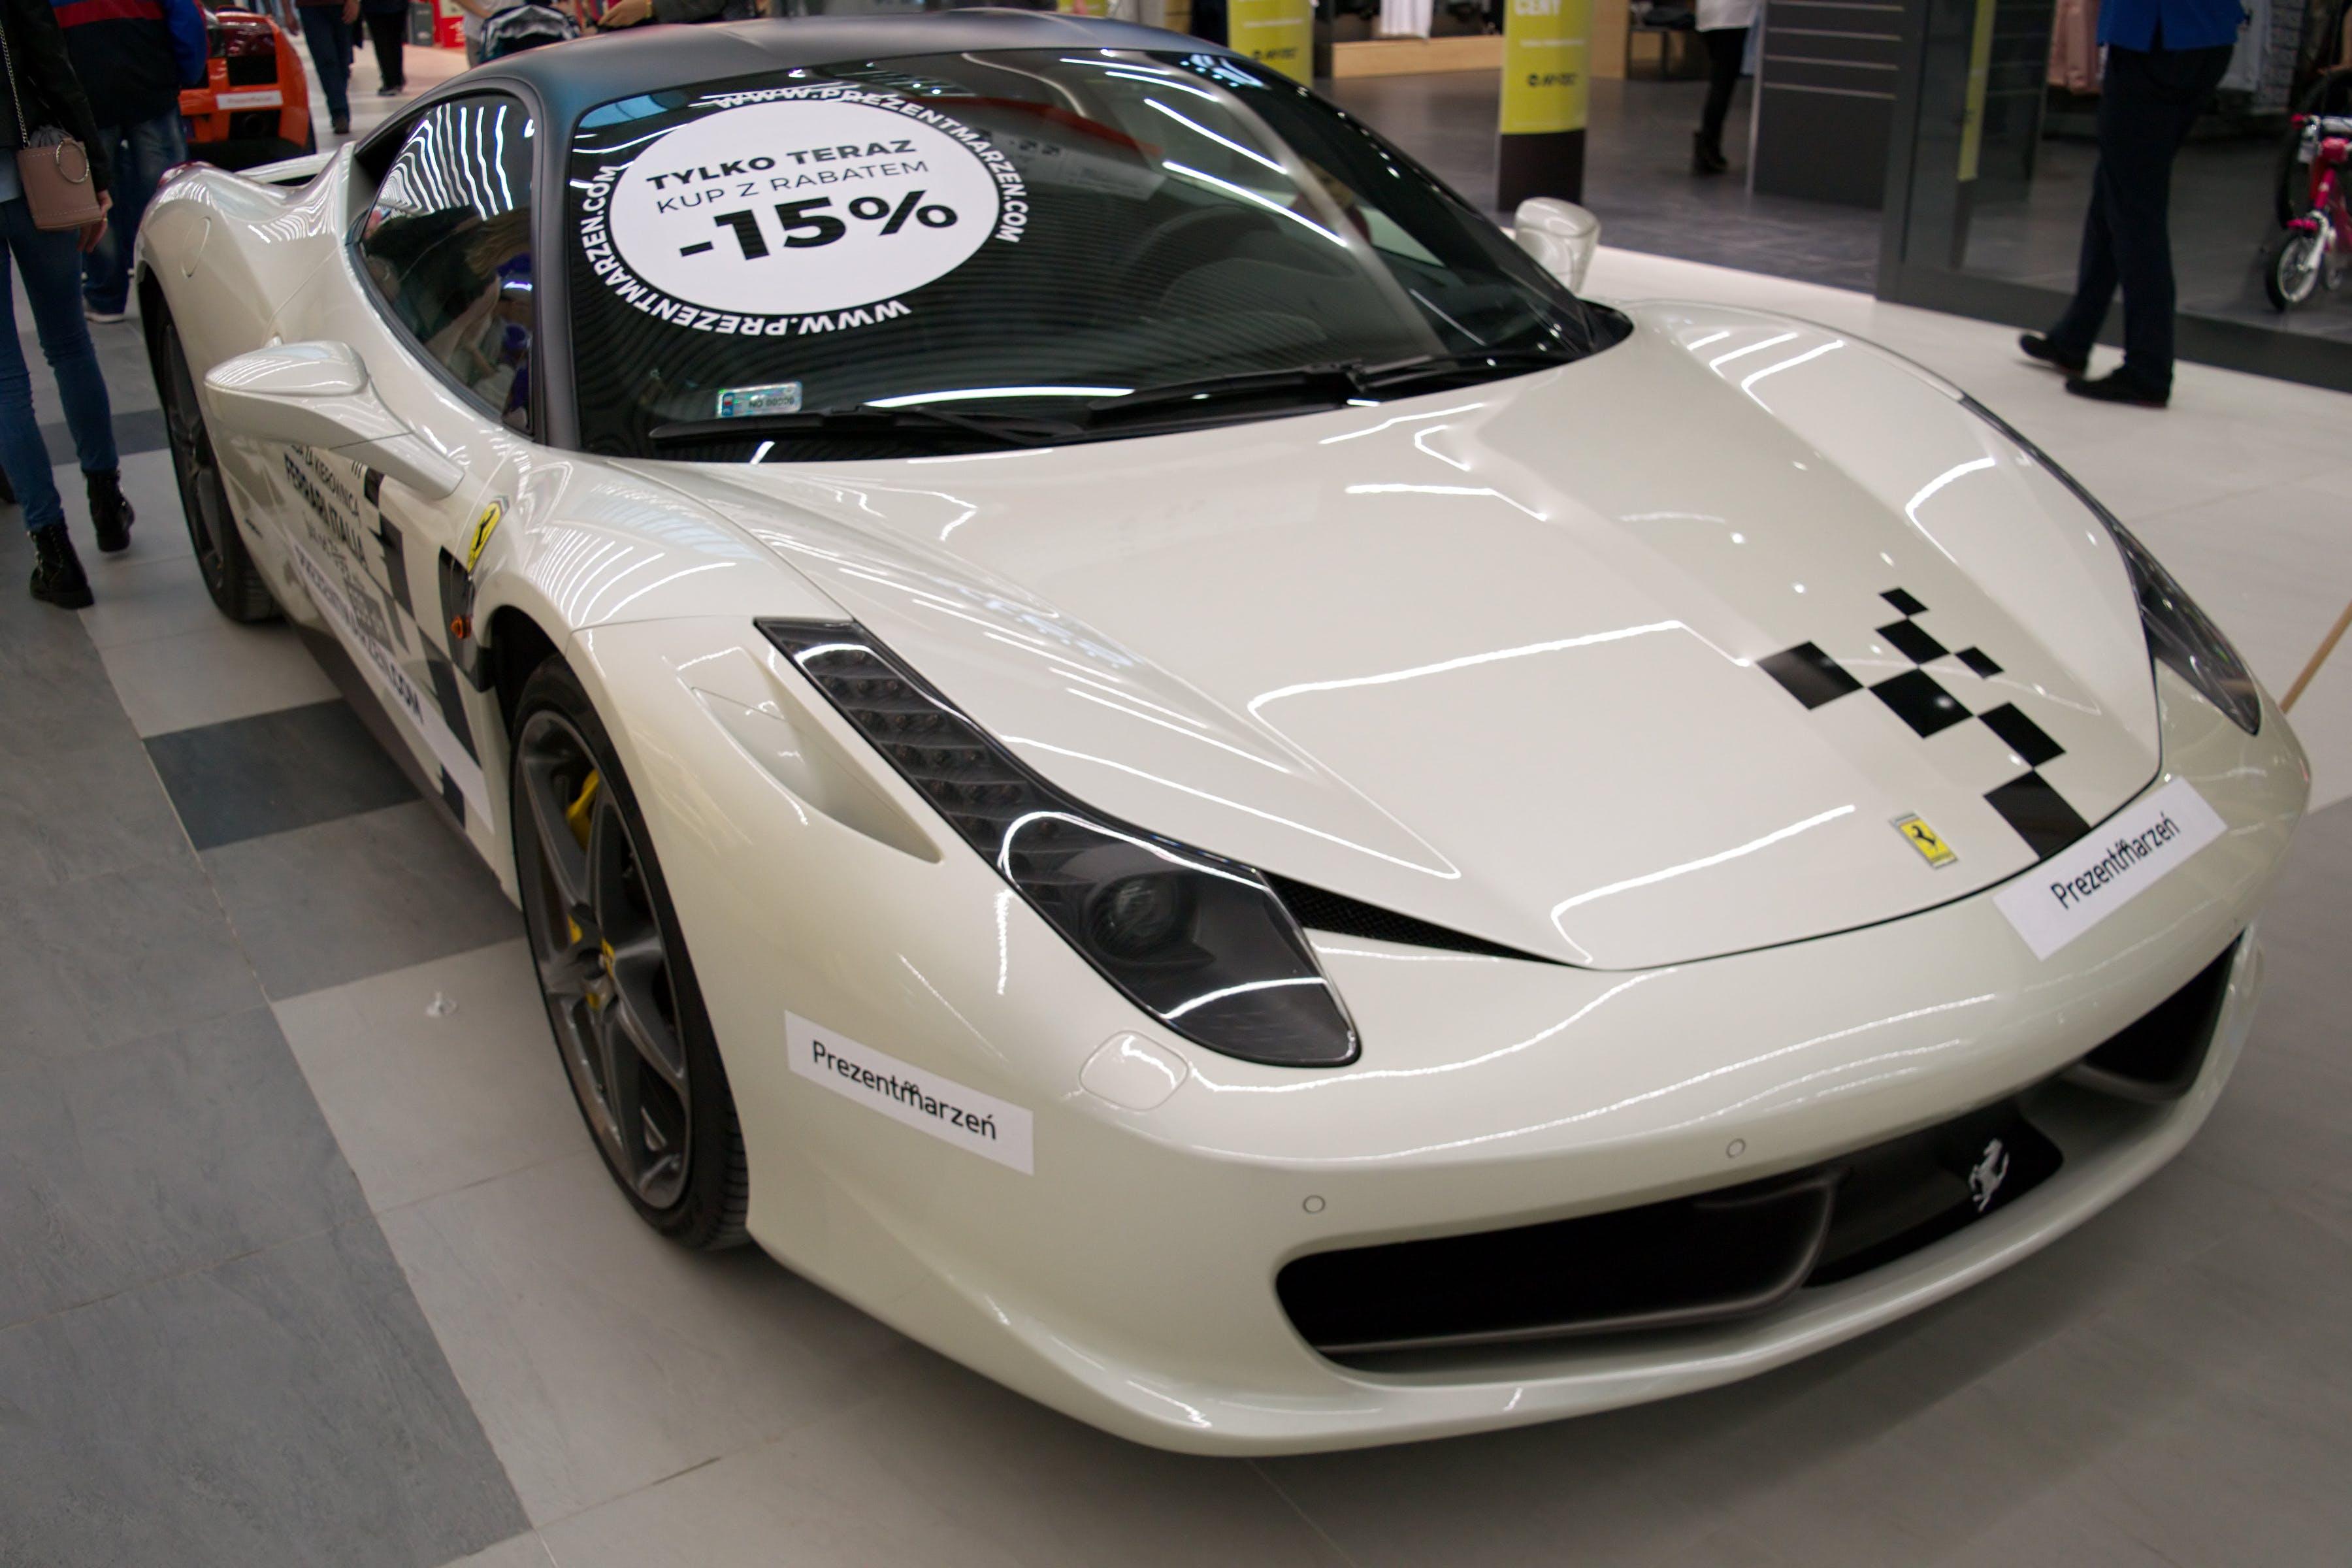 Kostnadsfri bild av affär, bil, Ferrari, kommersiell byggnad